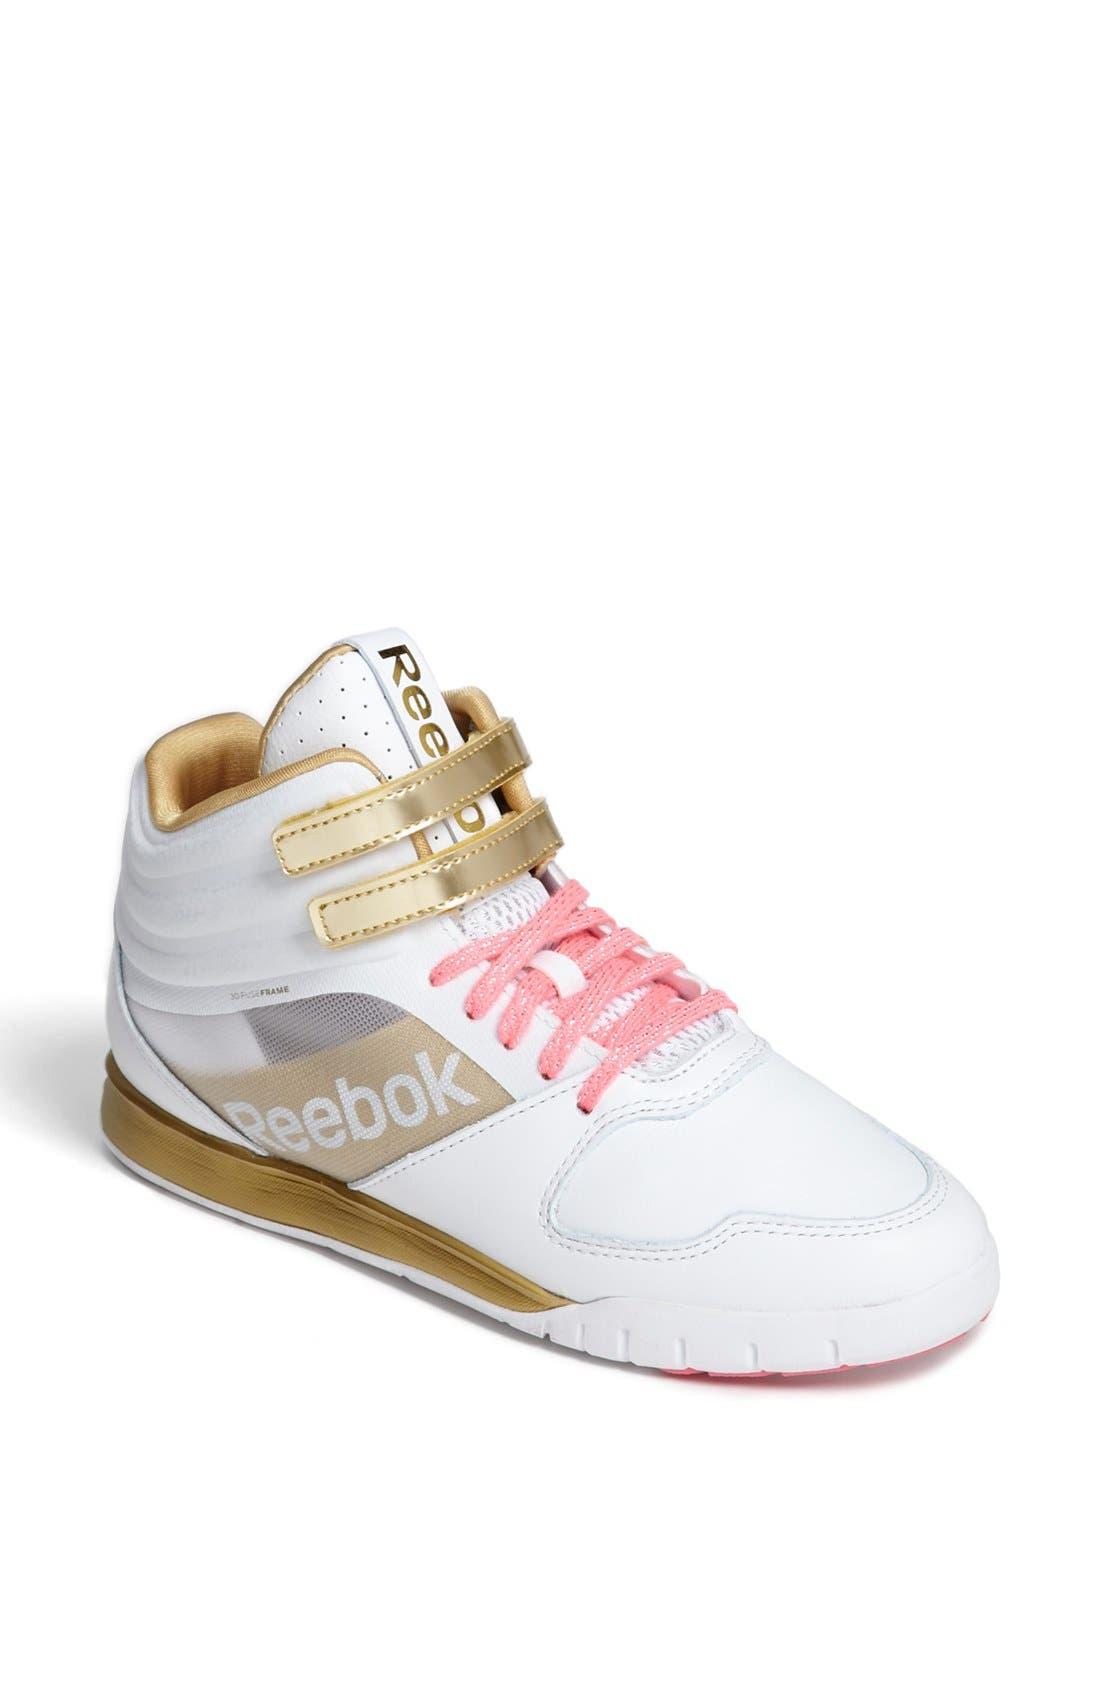 Reebok 'Dance UrLead Mid' Training Shoe (Women)